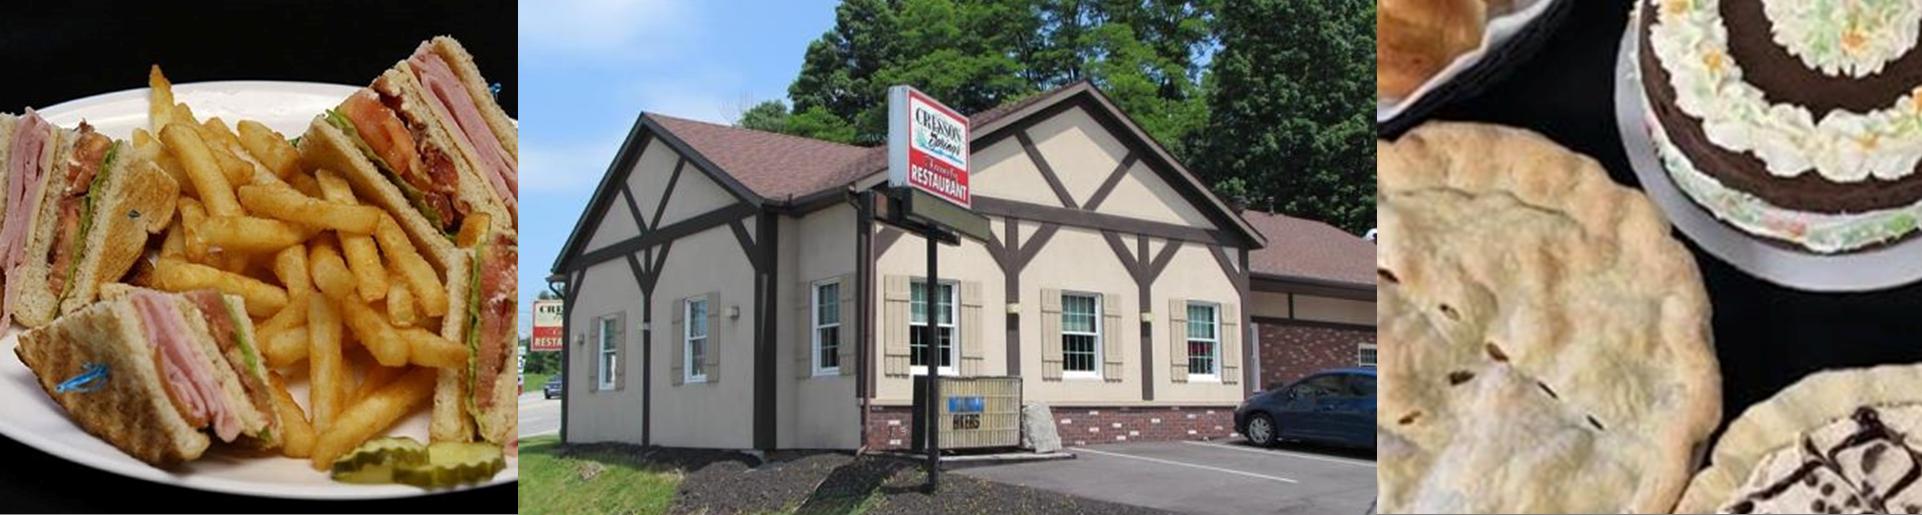 Visit Johnstown Pa | Cresson Springs Family Restaurant